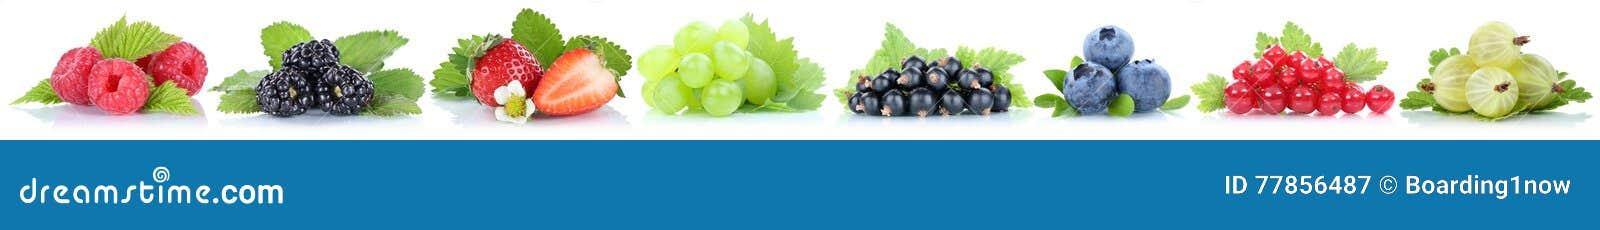 Собрание голубик клубник виноградин плодоовощей ягод красных